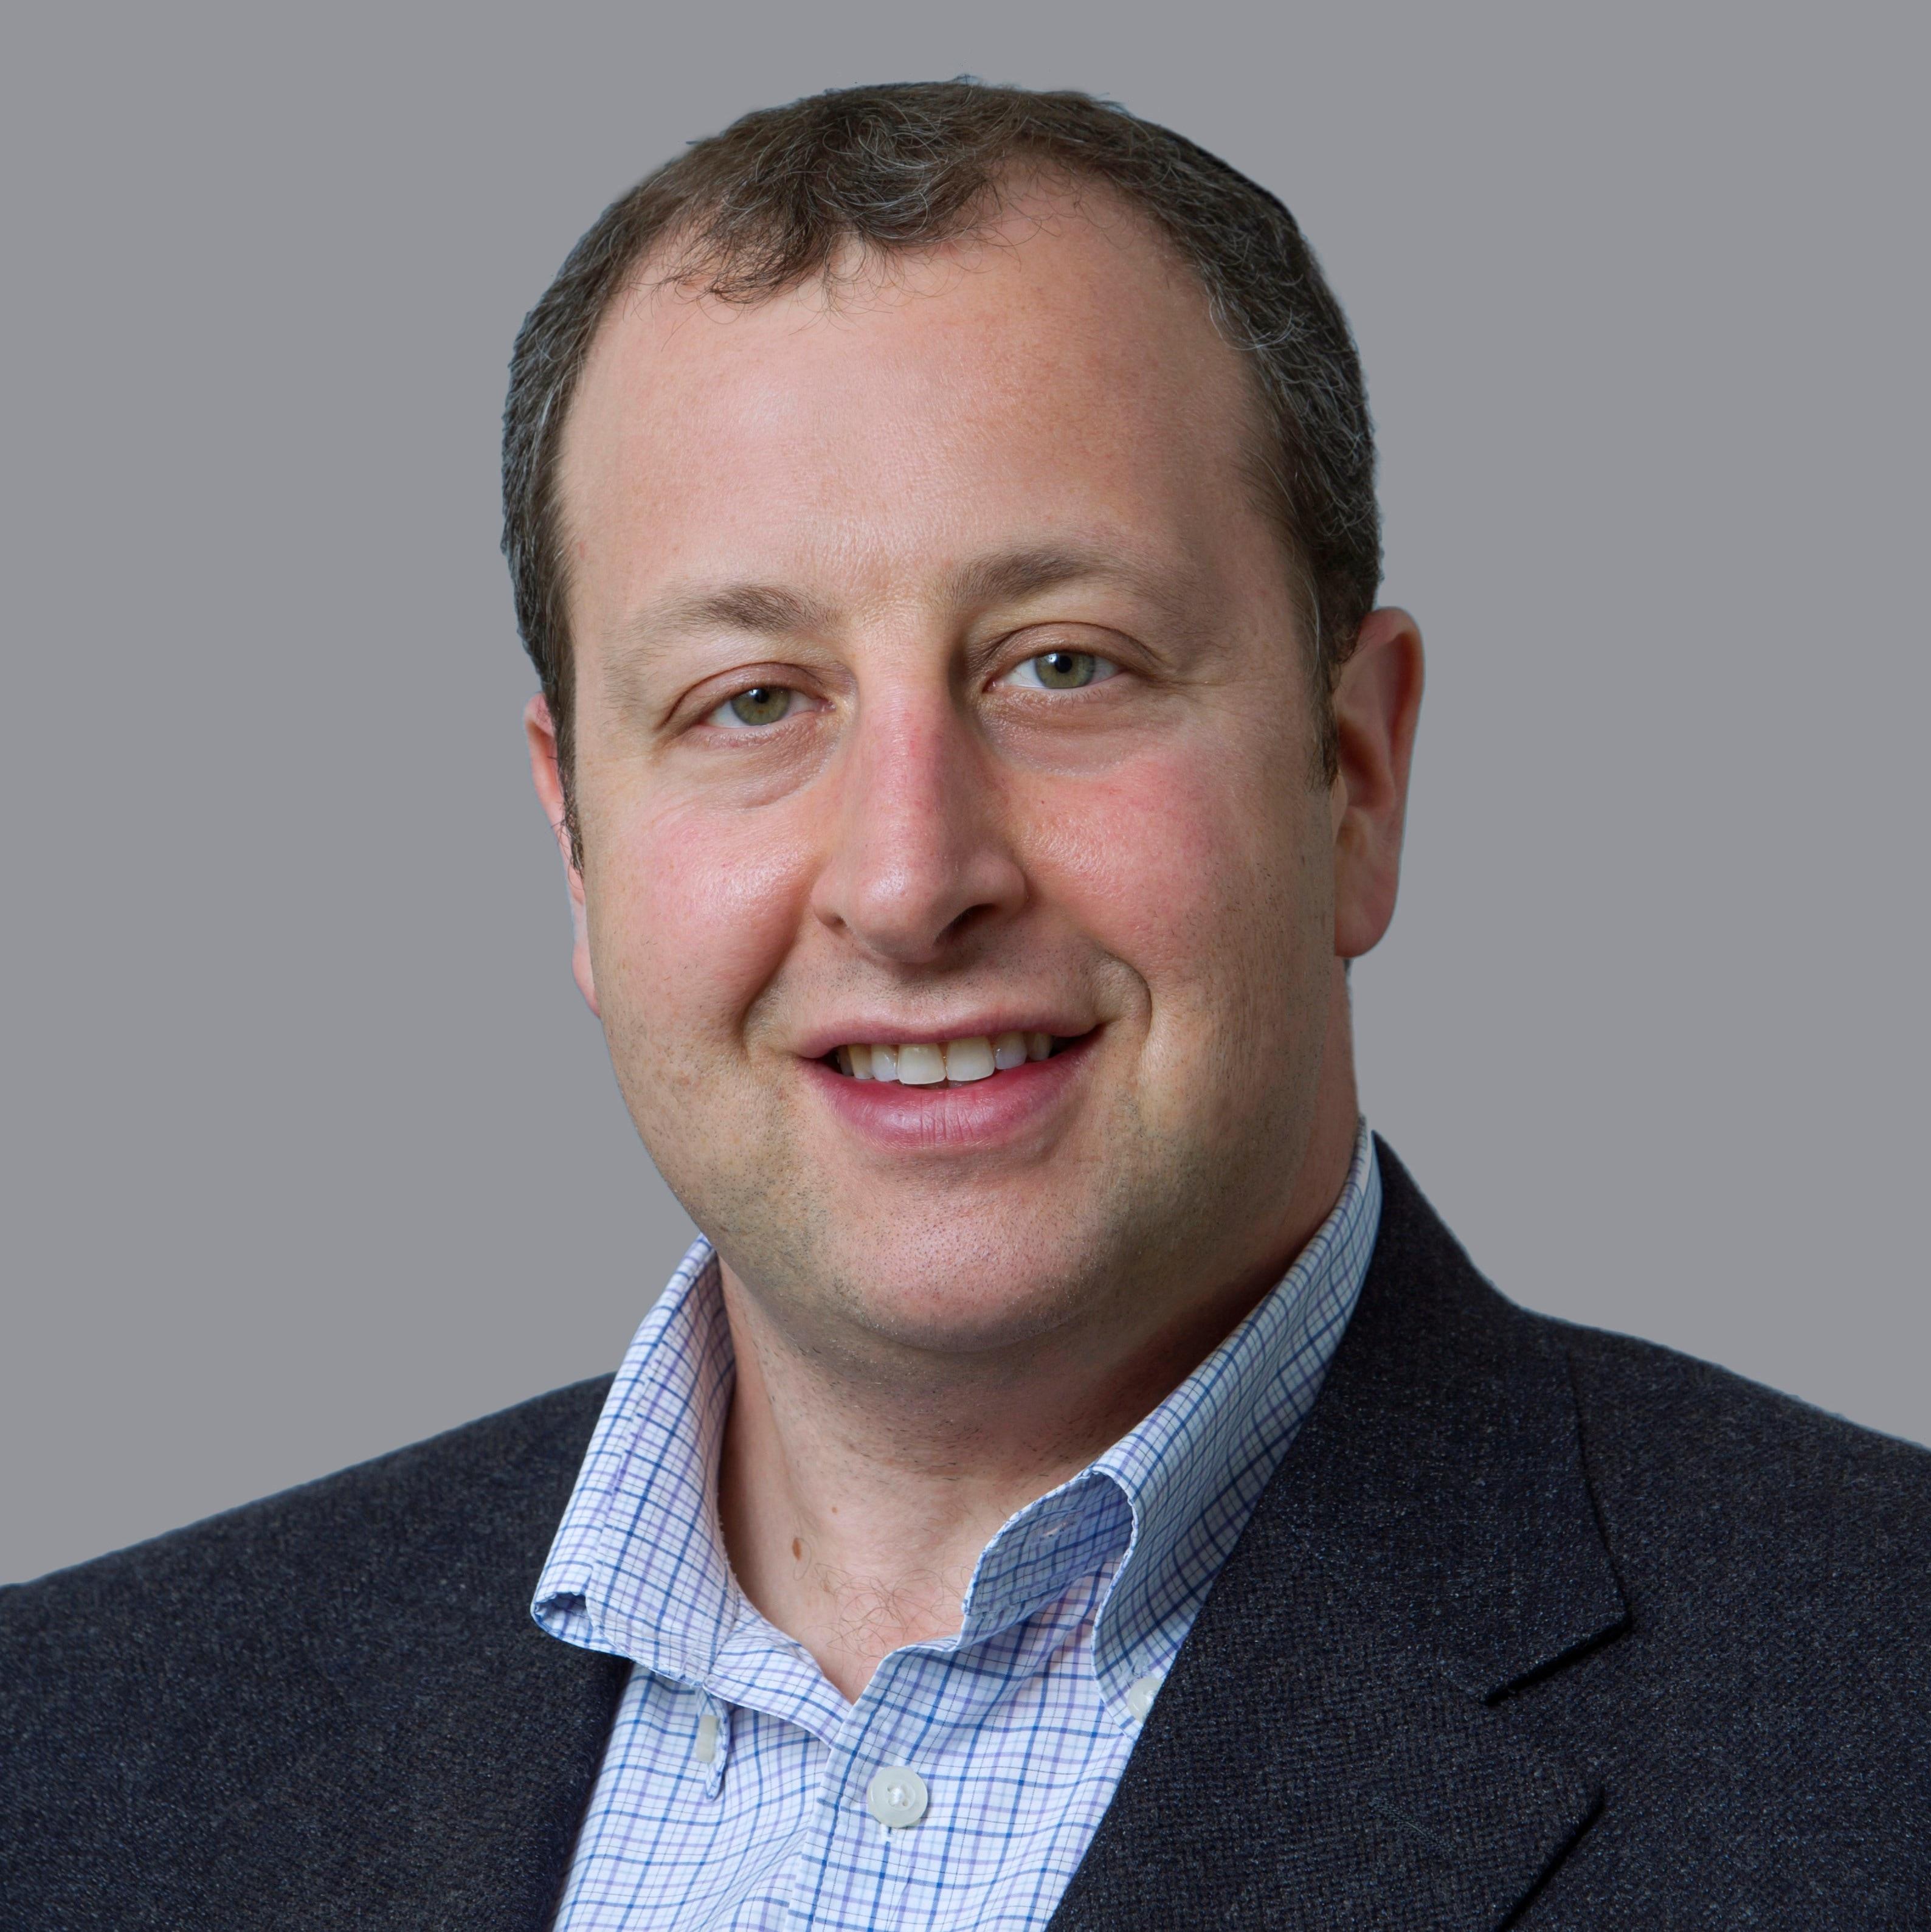 Bradley G Somer, MD Hematology/Oncology